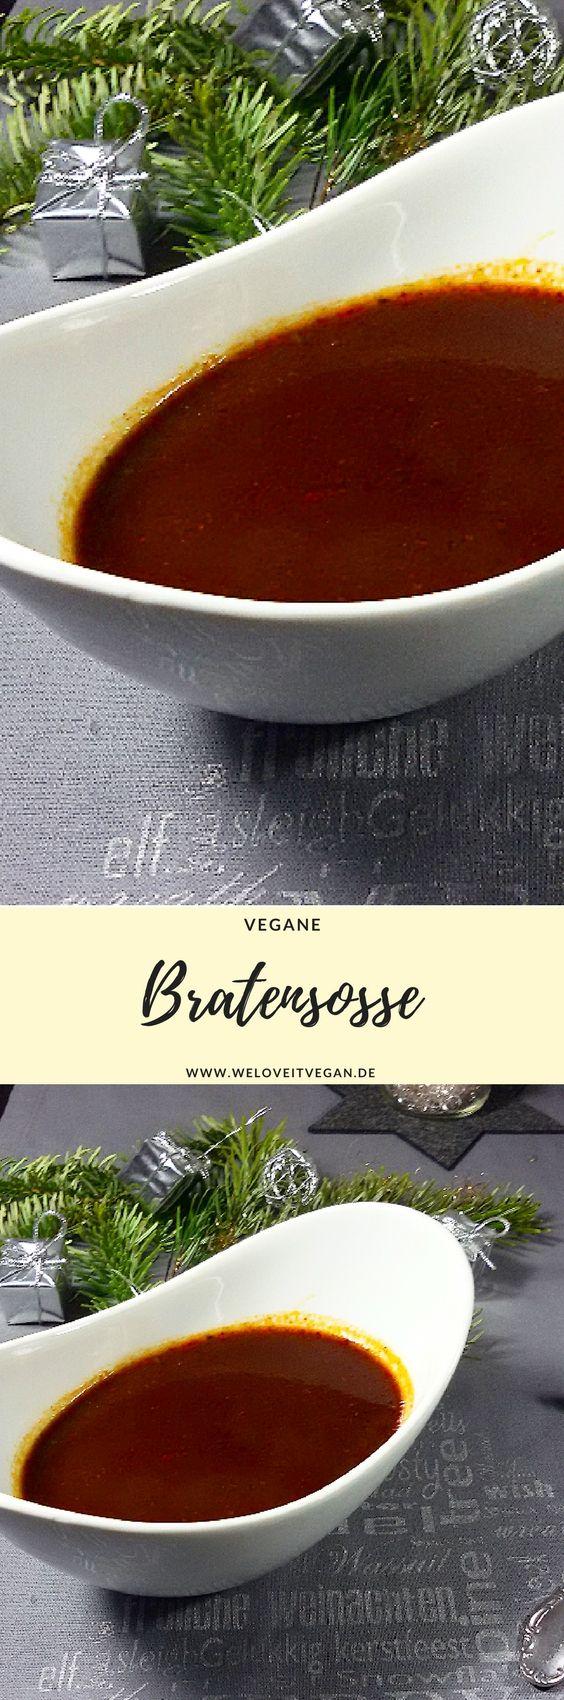 Ihr seid auf der Suche nach DER veganen Bratensosse, hier findet ihr sie :-) Einfach & schnell gemacht und unglaublich lecker.